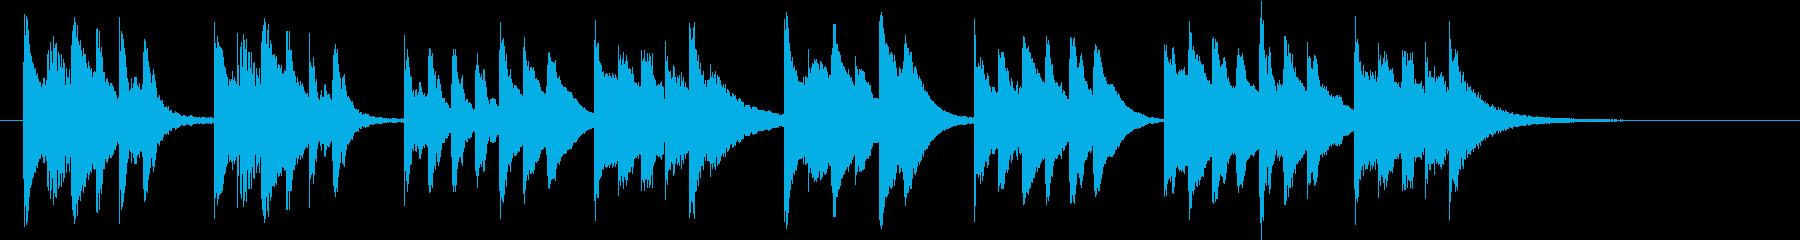 木琴が特徴のとても短いジングルの再生済みの波形